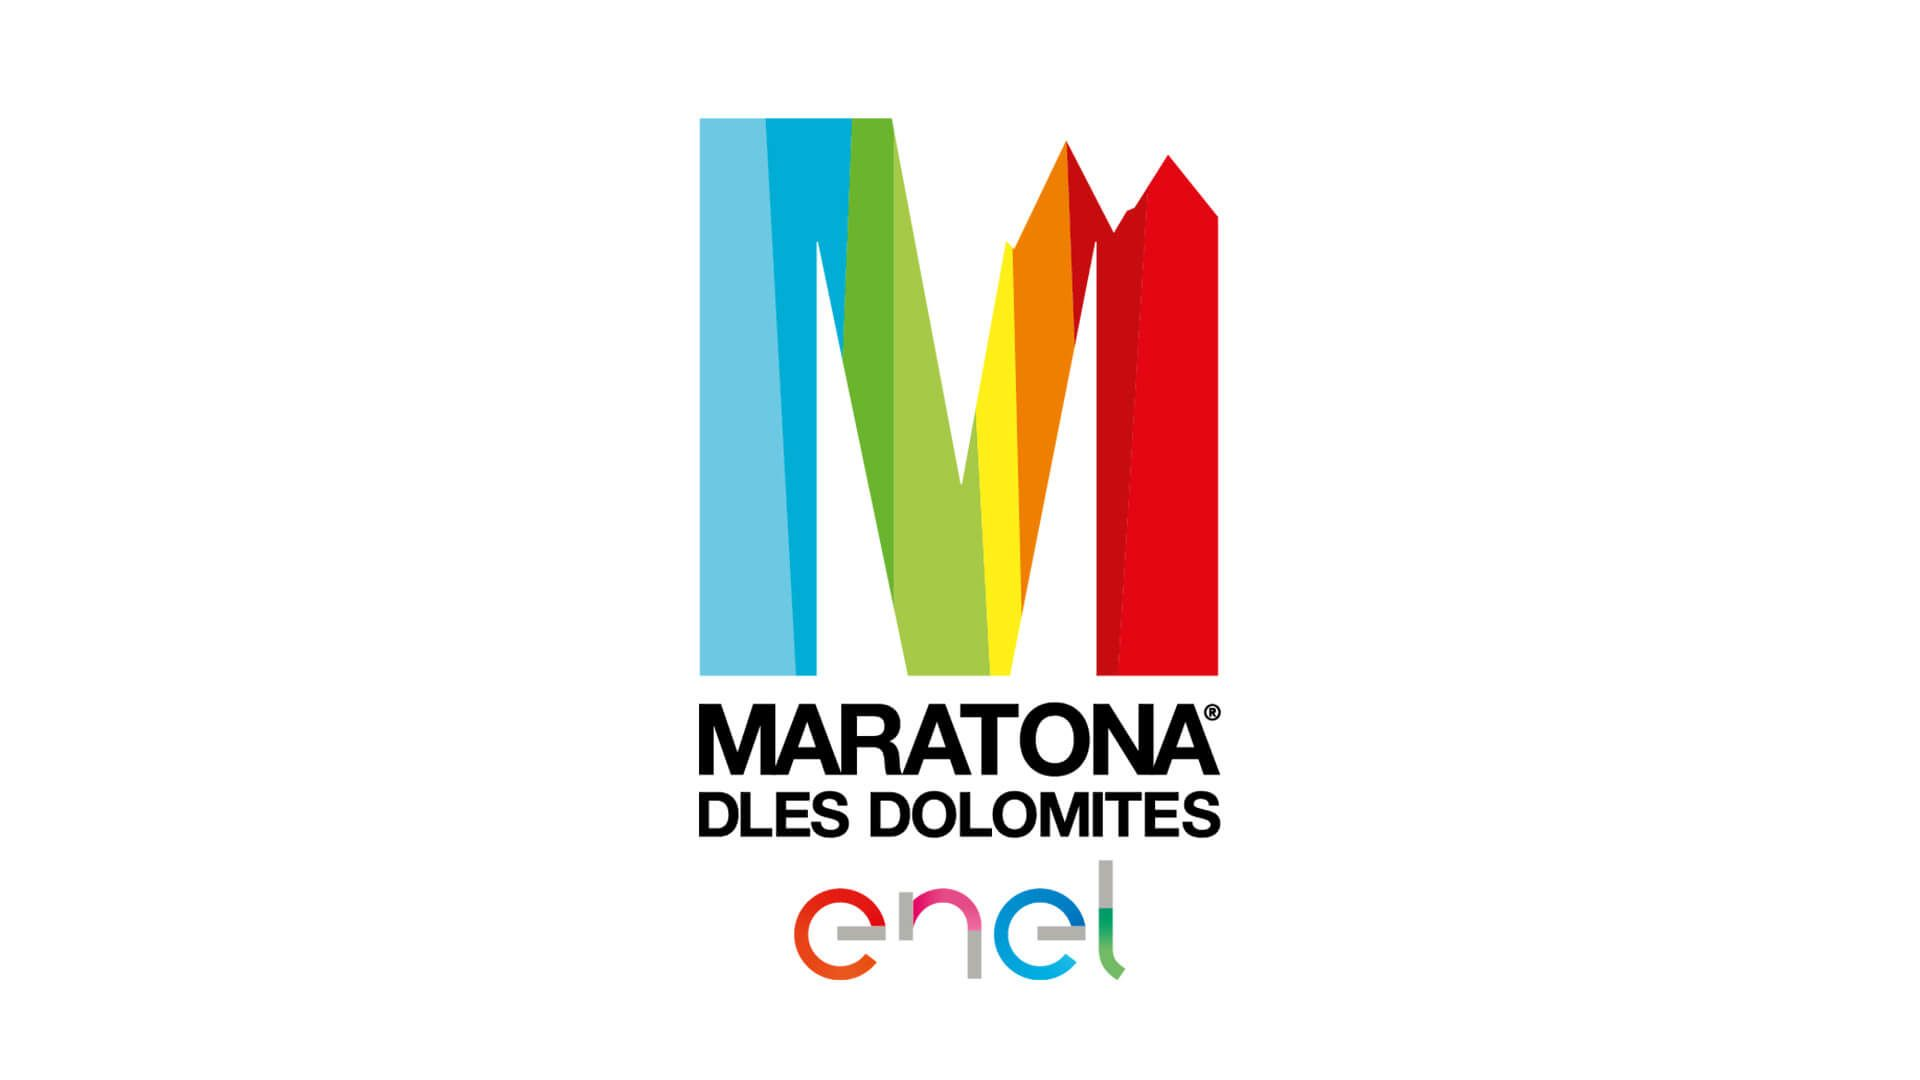 2023_copbig_maratona_dles_dolomites_2016_moviment_logo